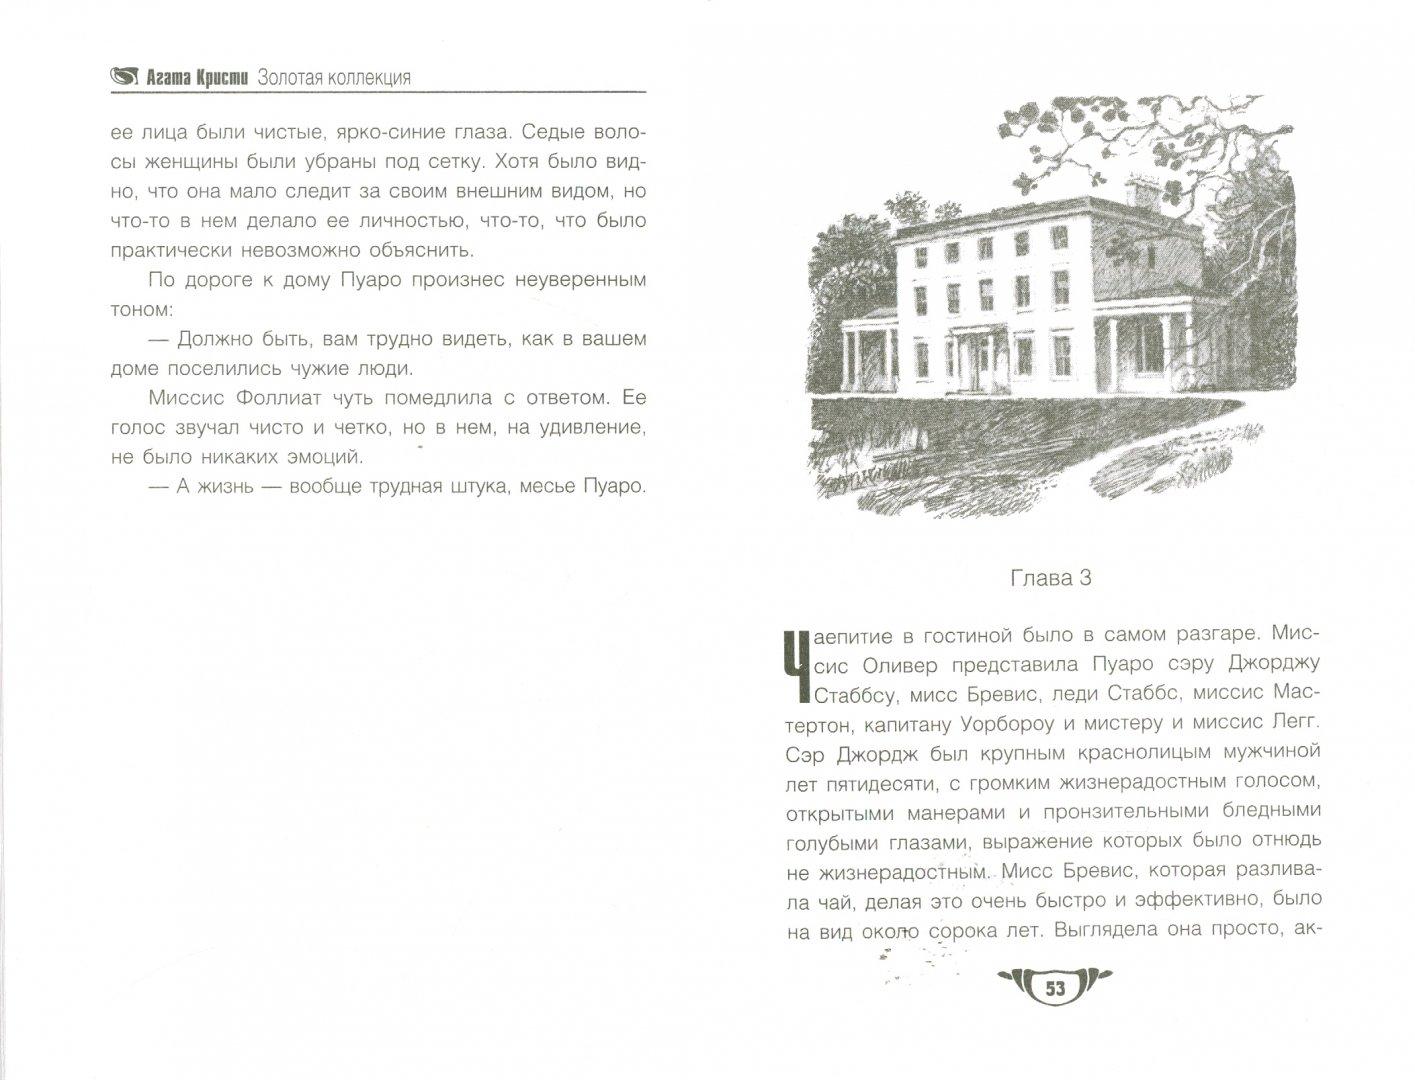 Иллюстрация 1 из 5 для Эркюль Пуаро и путаница в Гриншоре. Эркюль Пуаро и Убийства под монограммой. Комплект - Кристи, Ханна   Лабиринт - книги. Источник: Лабиринт